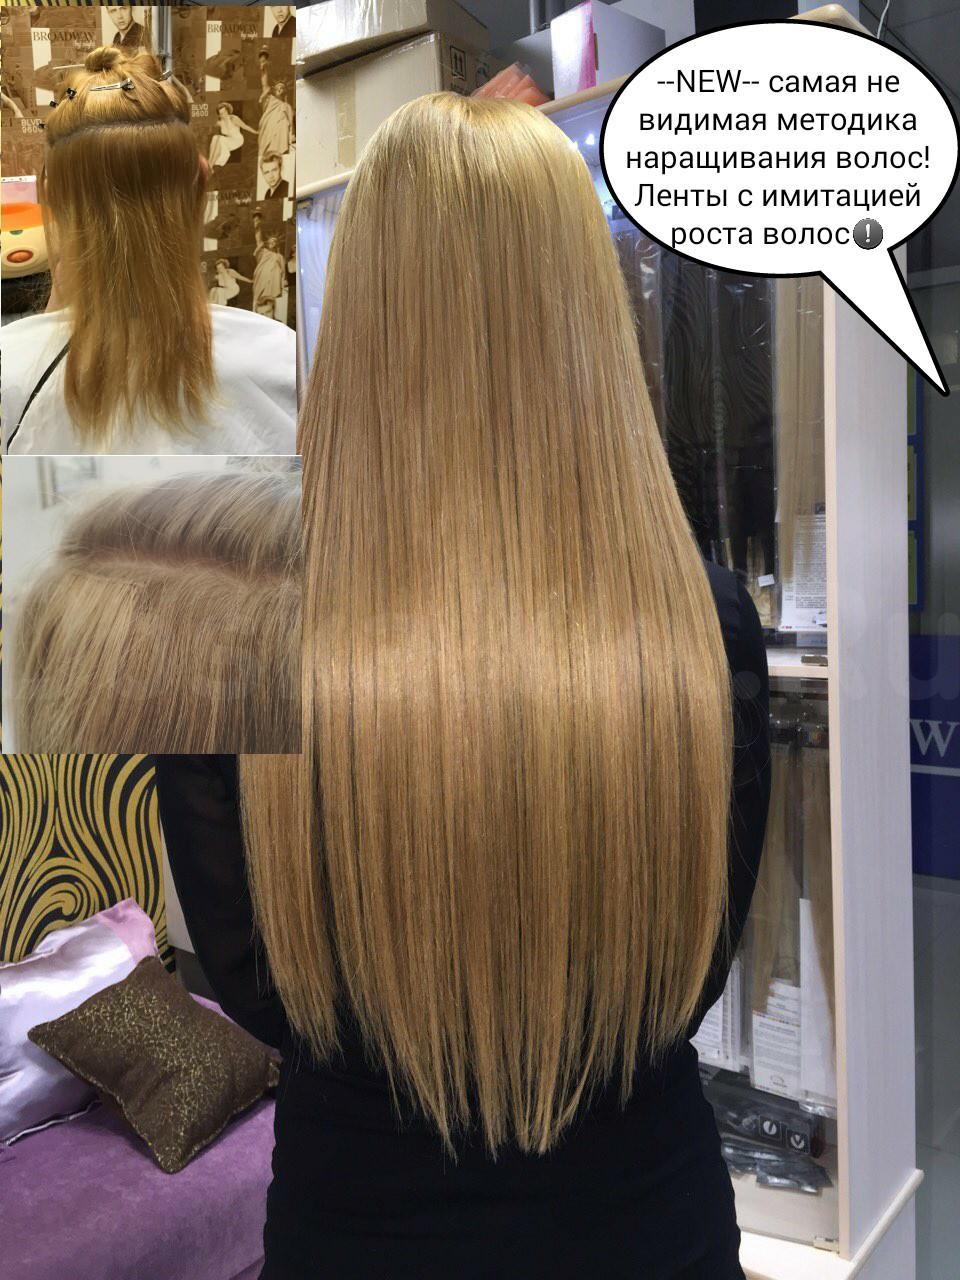 Натуральные волосы в кирове